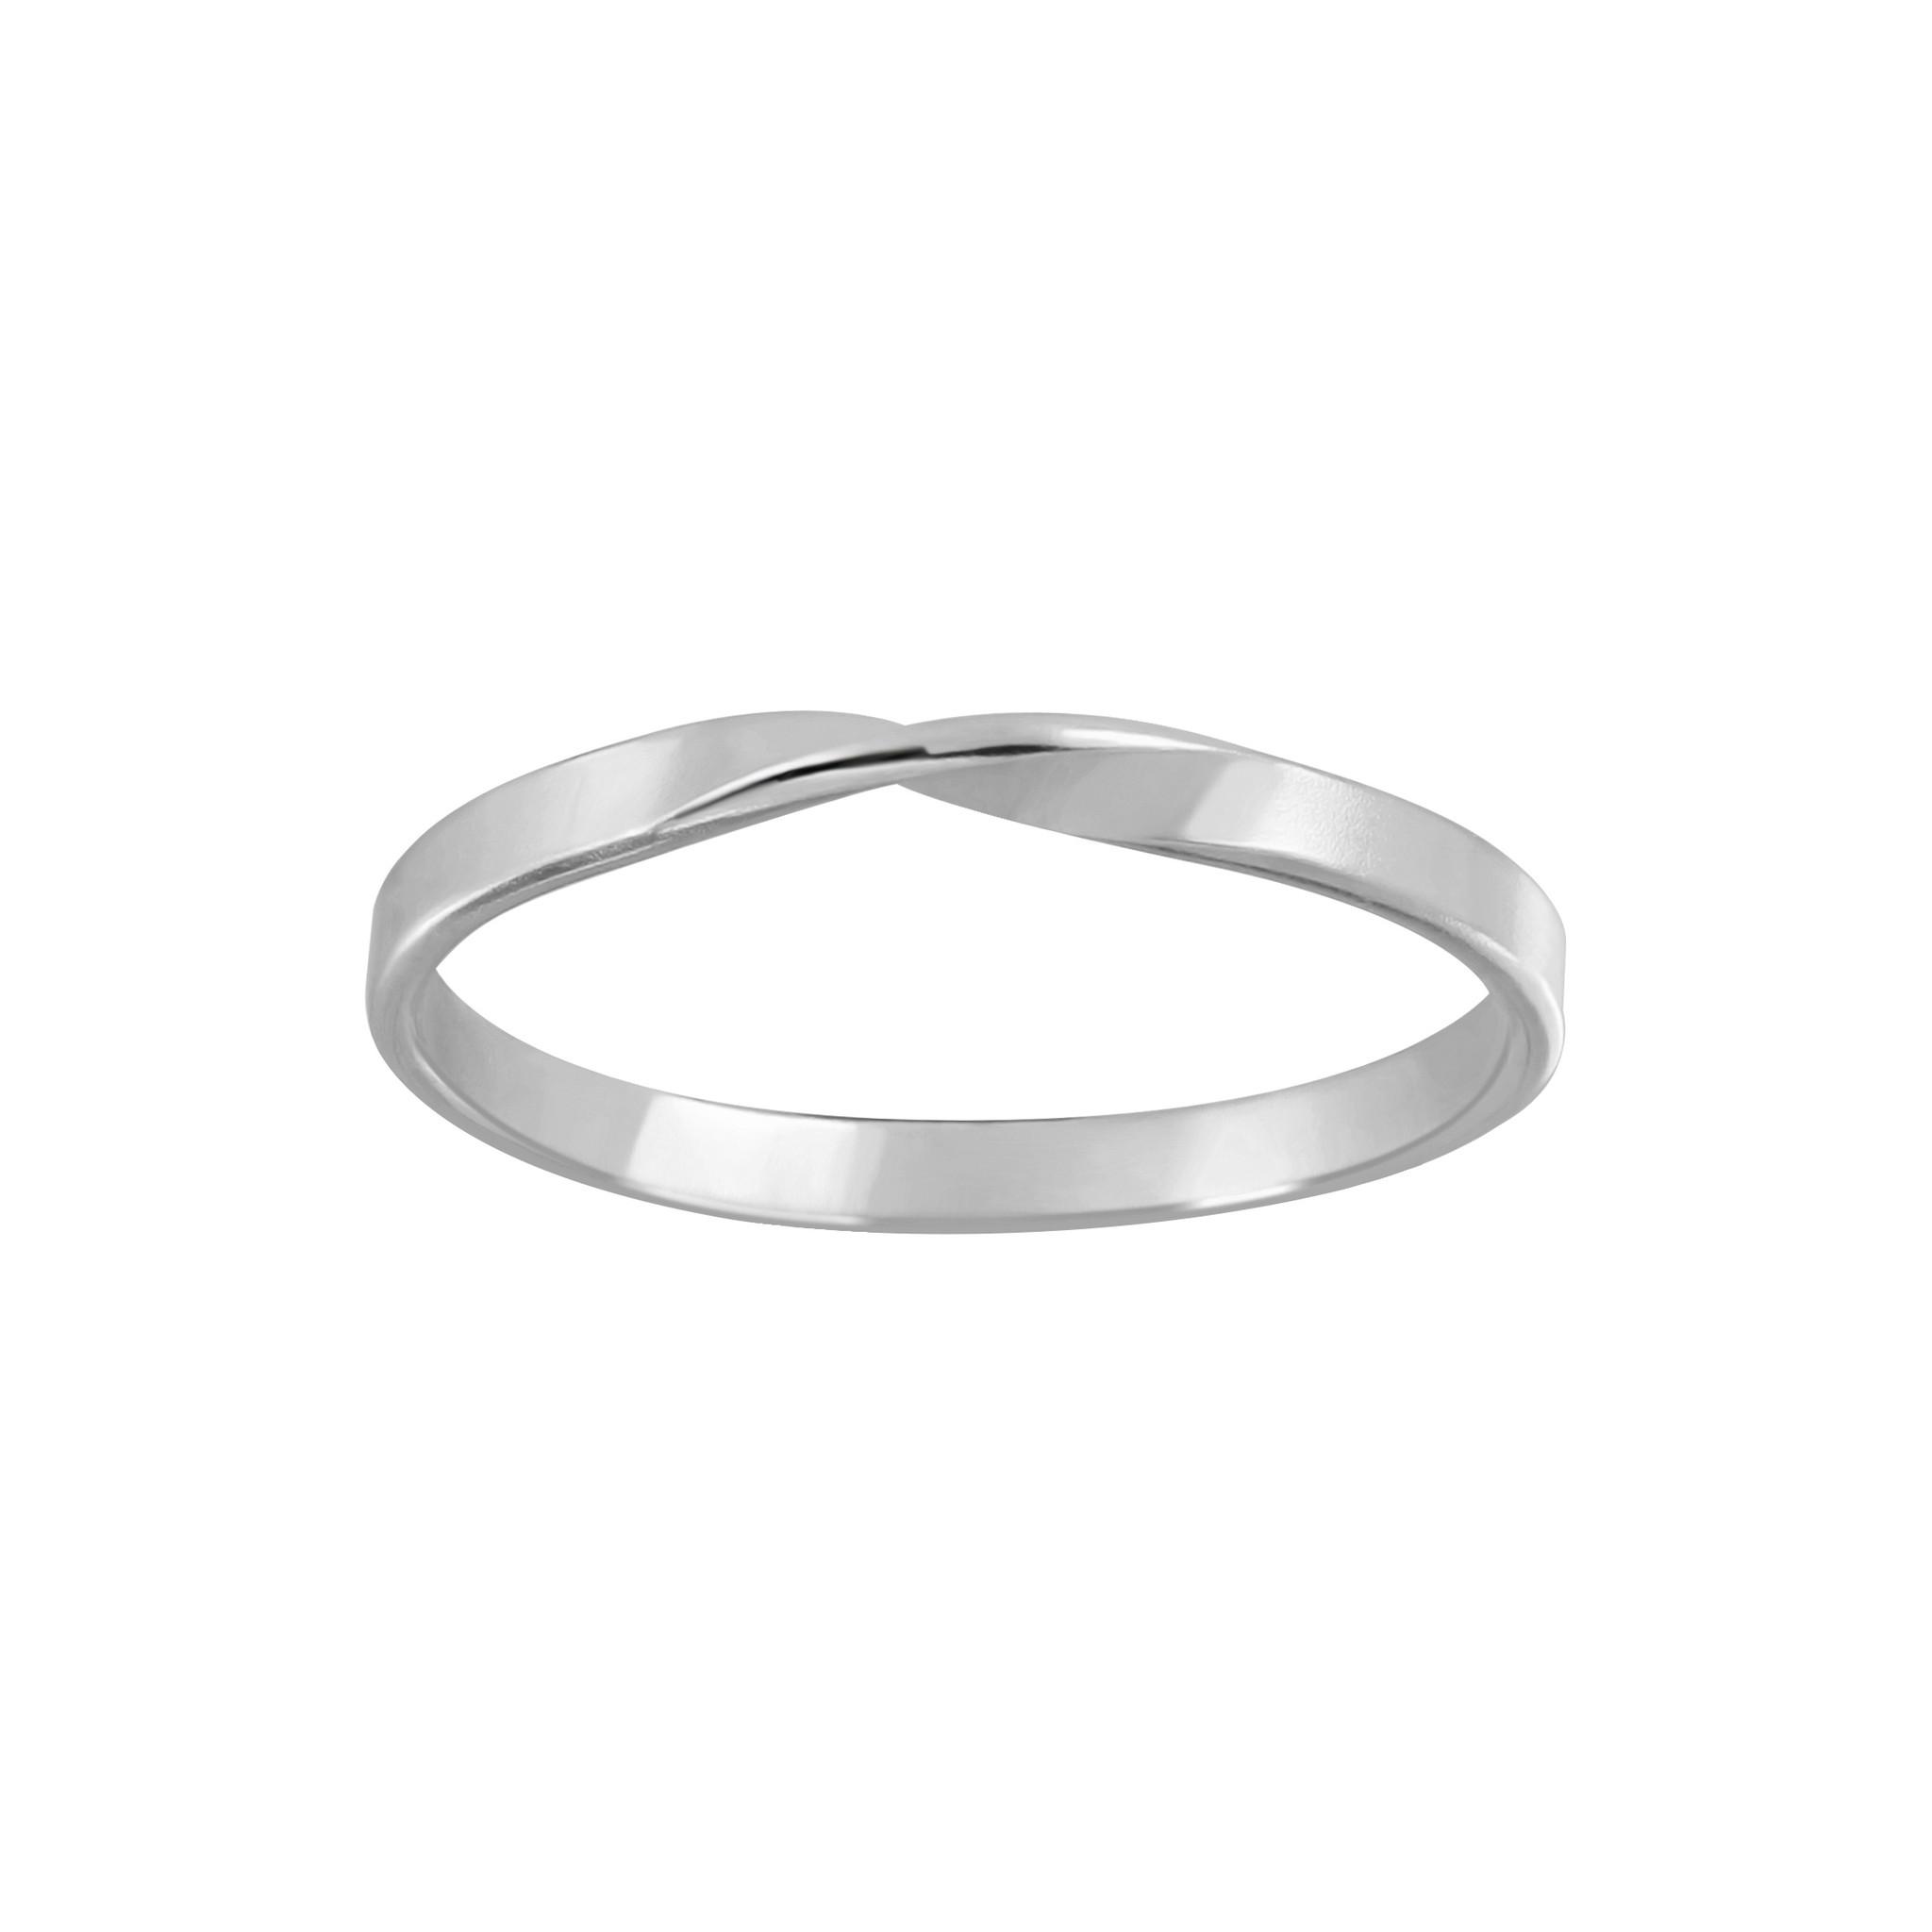 Zarter Ring gedreht - 925er Sterling Silber-1